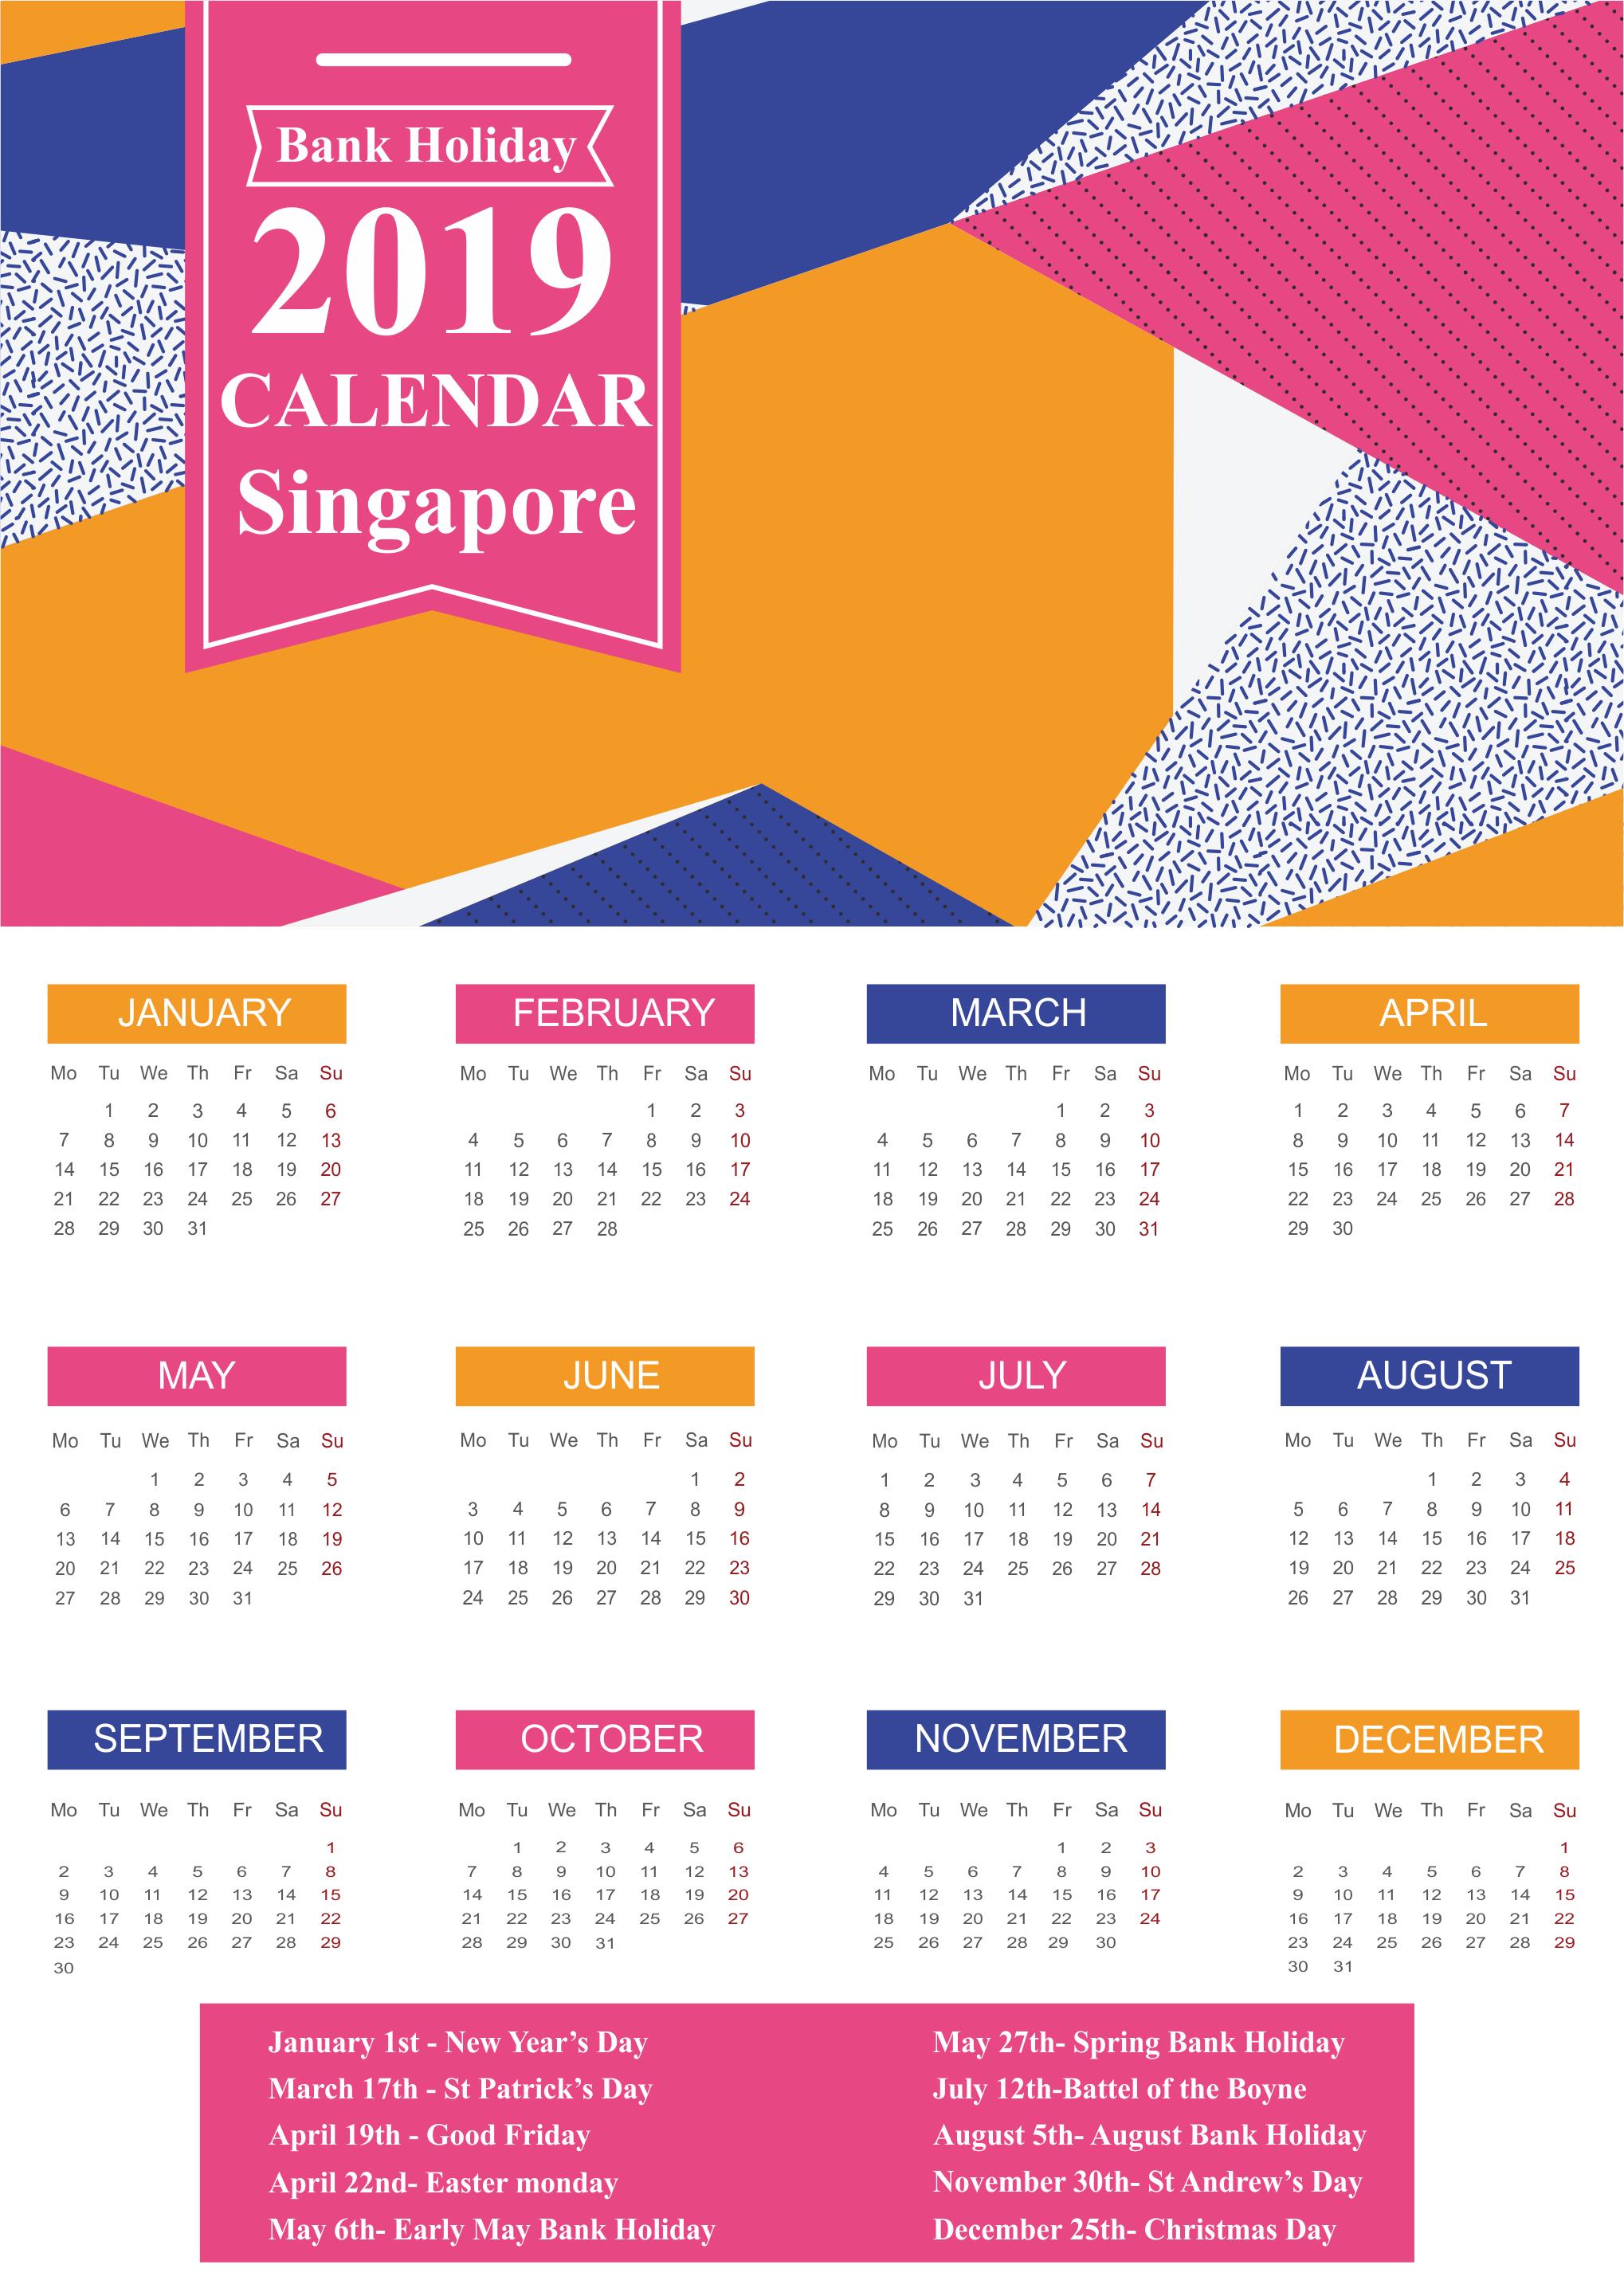 Singapore Bank Holidays 2019 Templates